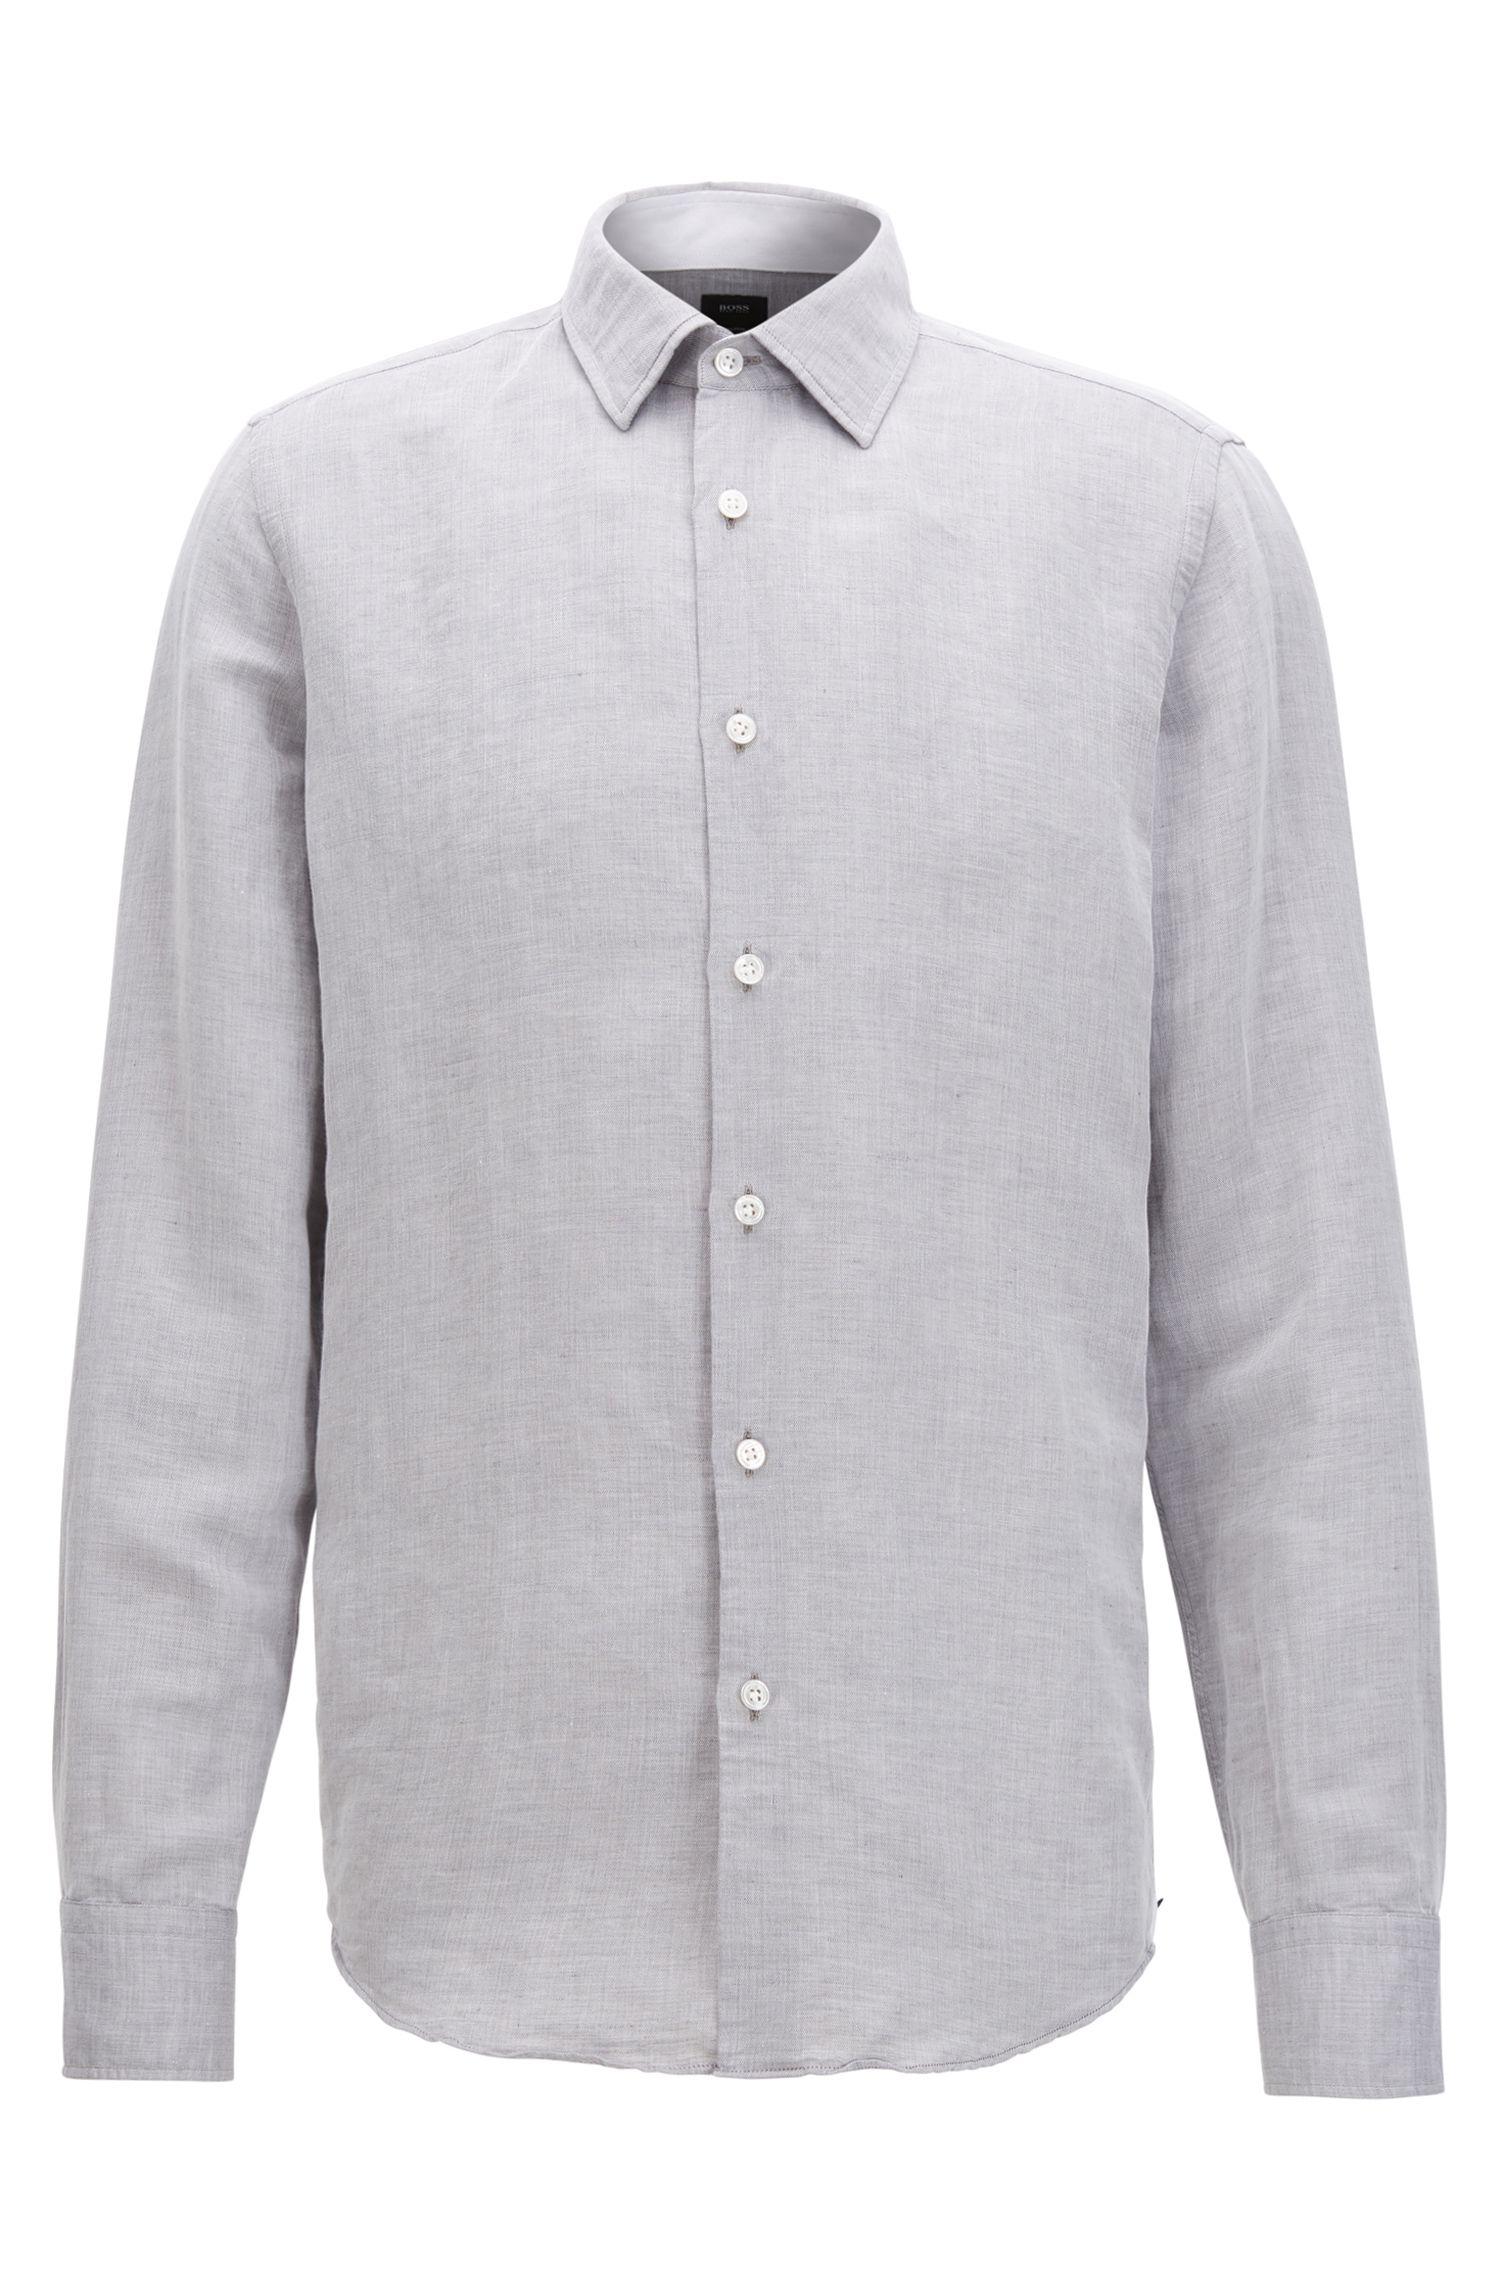 Cotton Linen Sport Shirt   T-Landon F